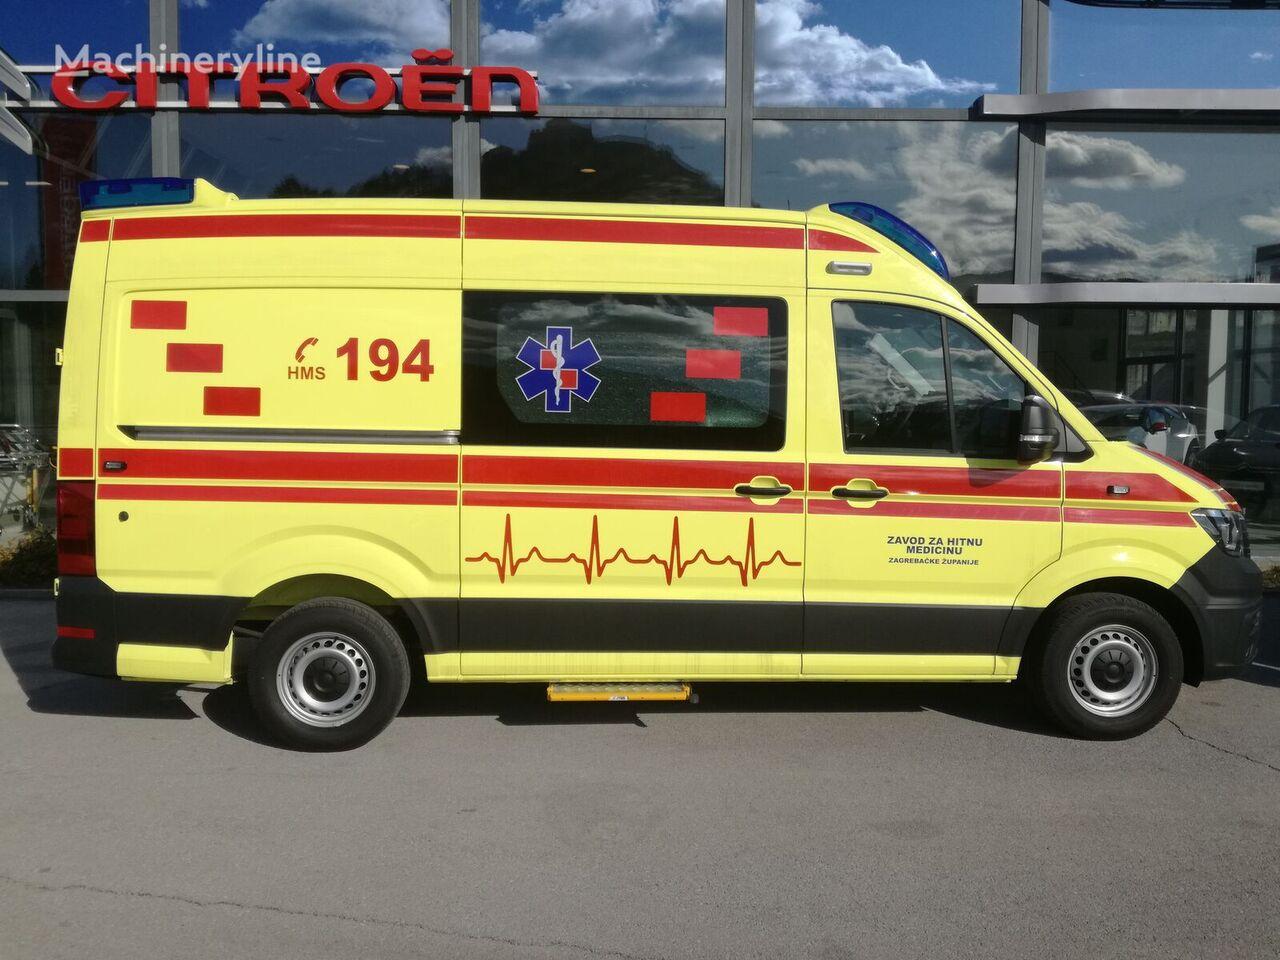 jauns VOLKSWAGEN Crafter L3H2 mikroautobuss ātrās palīdzības mašīna